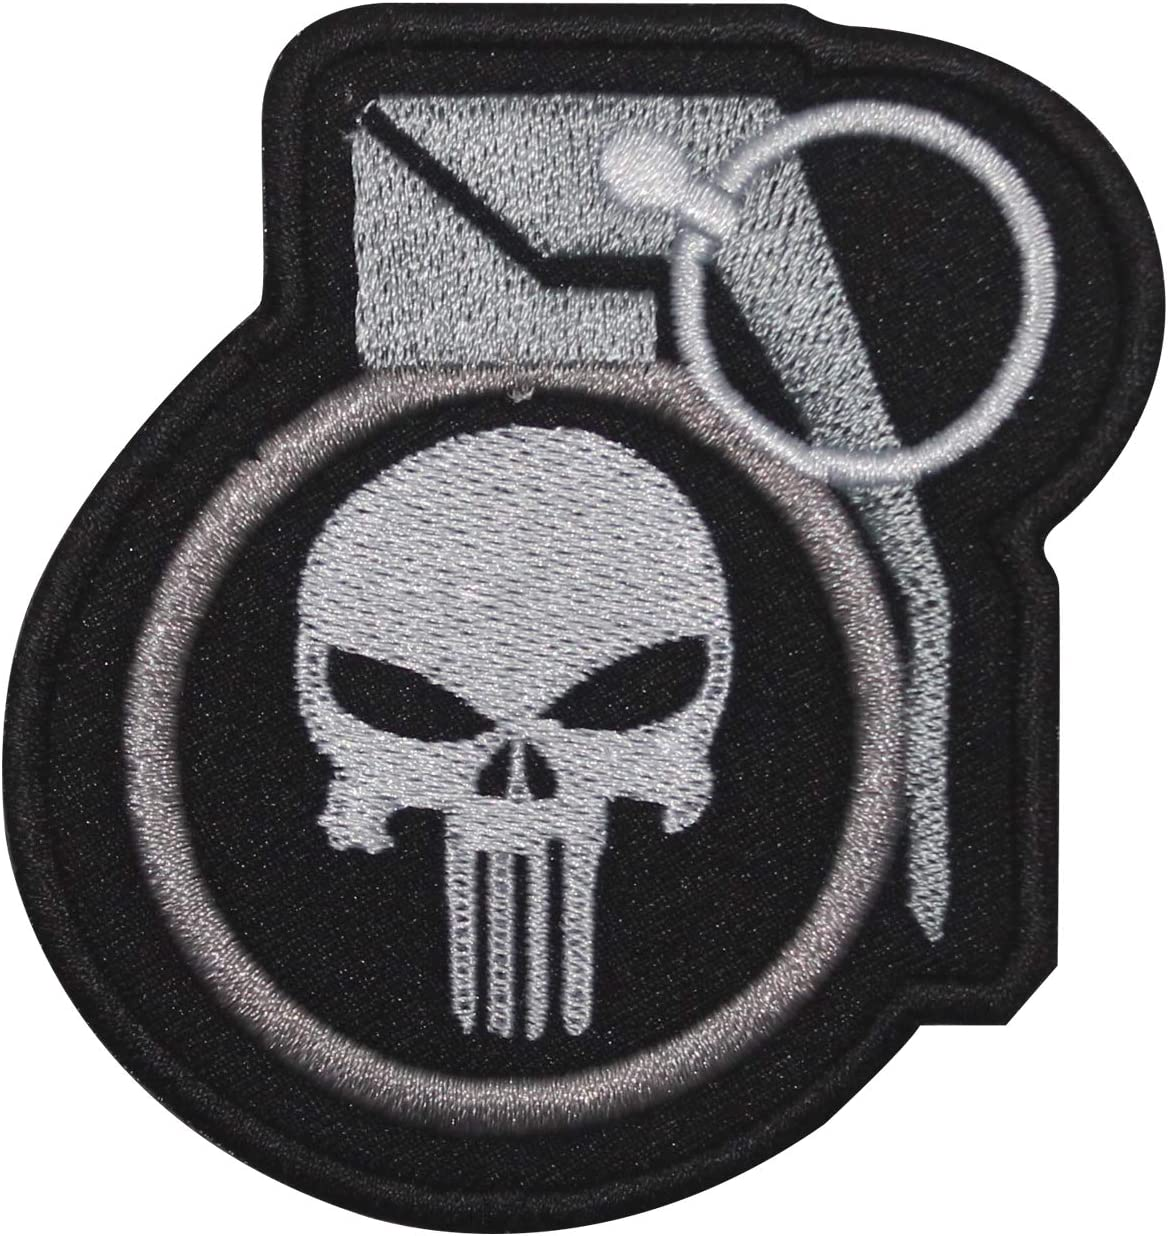 Parche bordado para coser o coser con la película de Punisher Super Hero para ropa, camisas, vaqueros, etc.